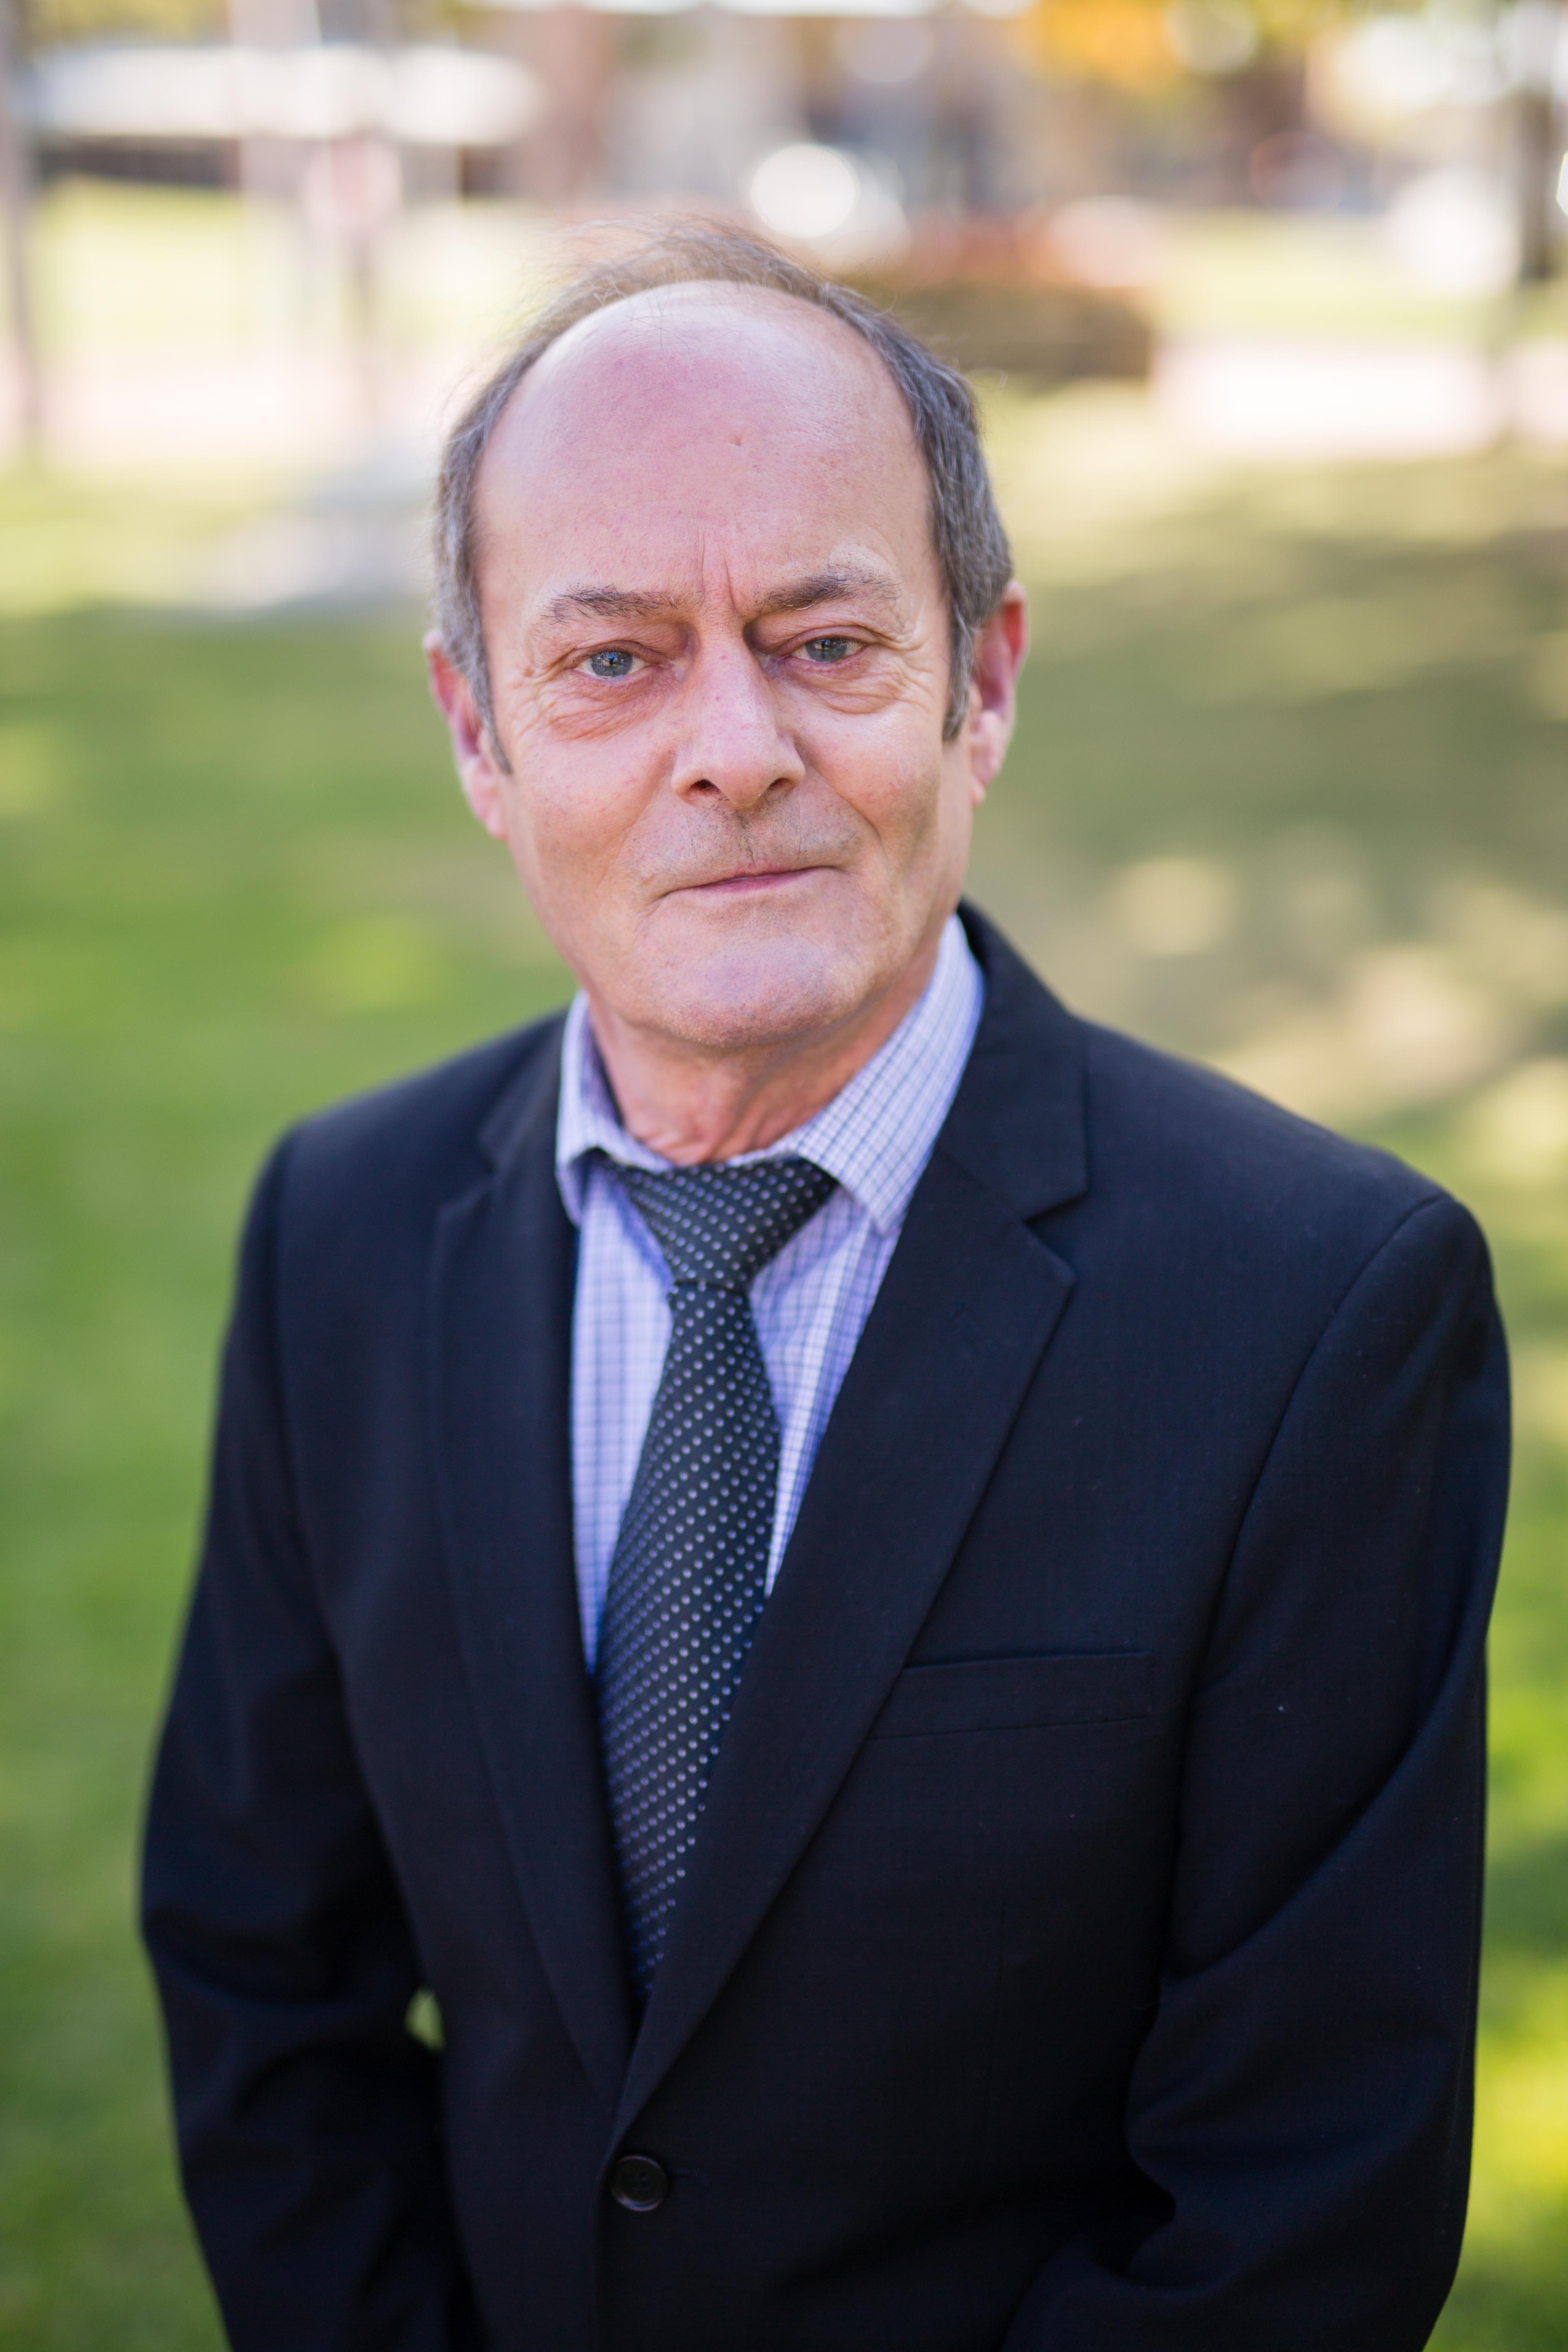 David Fishley